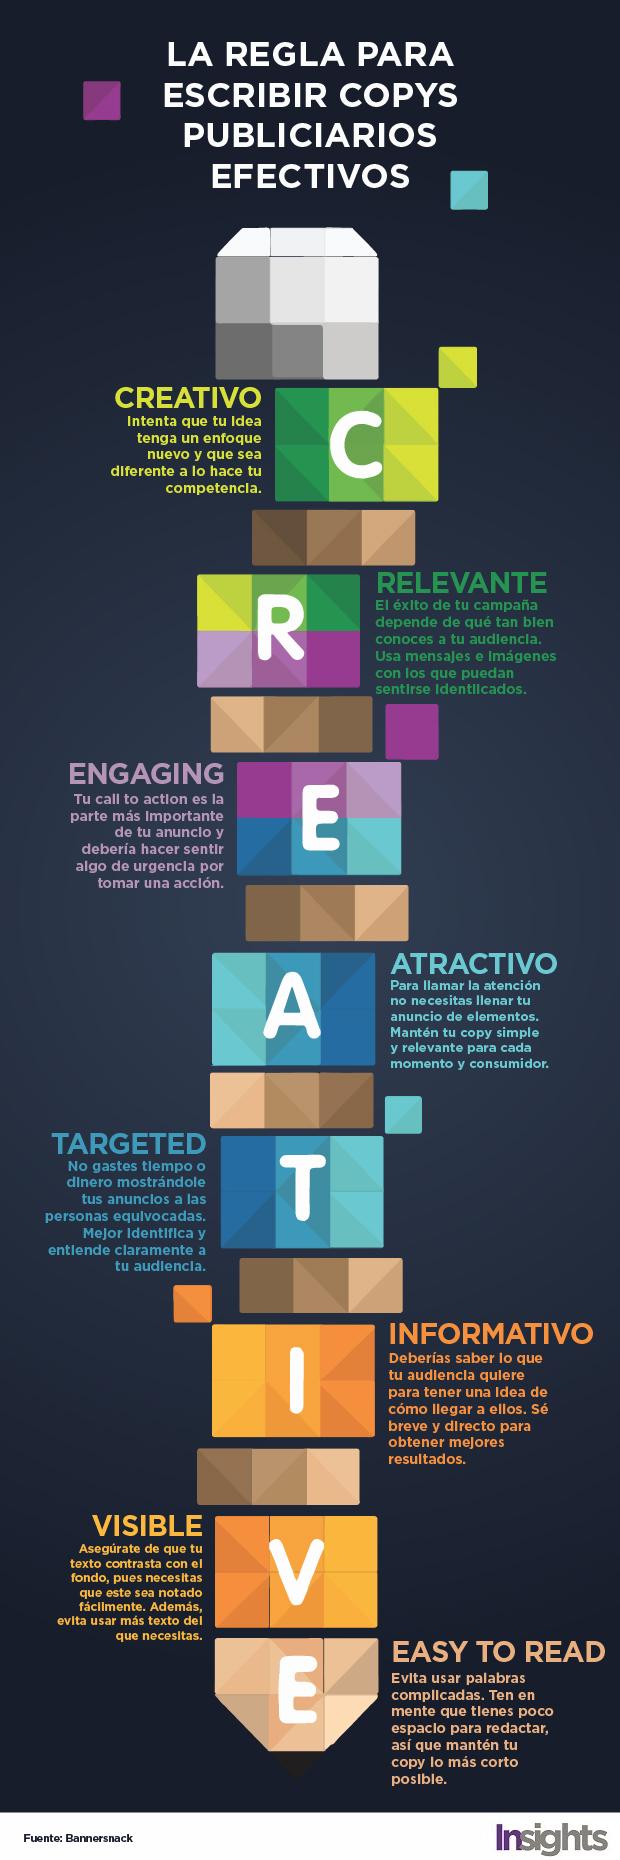 8 claves para crear un copy efectivo